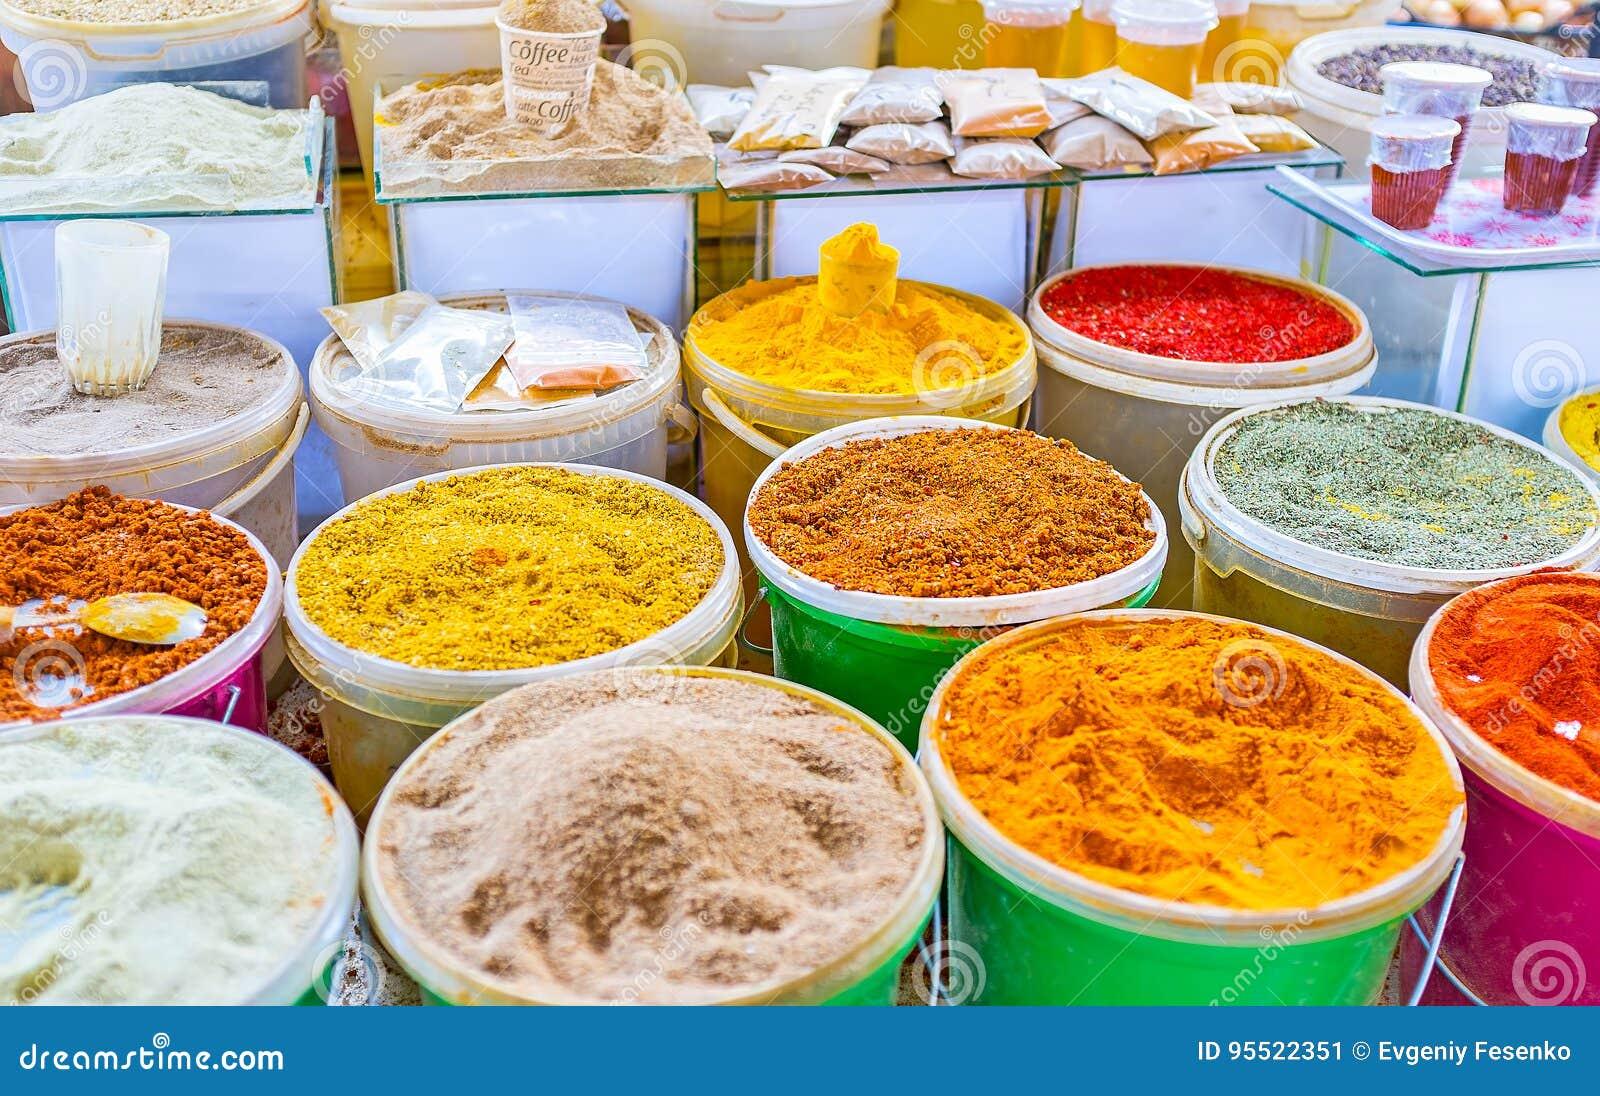 香料商店在逃兵` s市场上在第比利斯